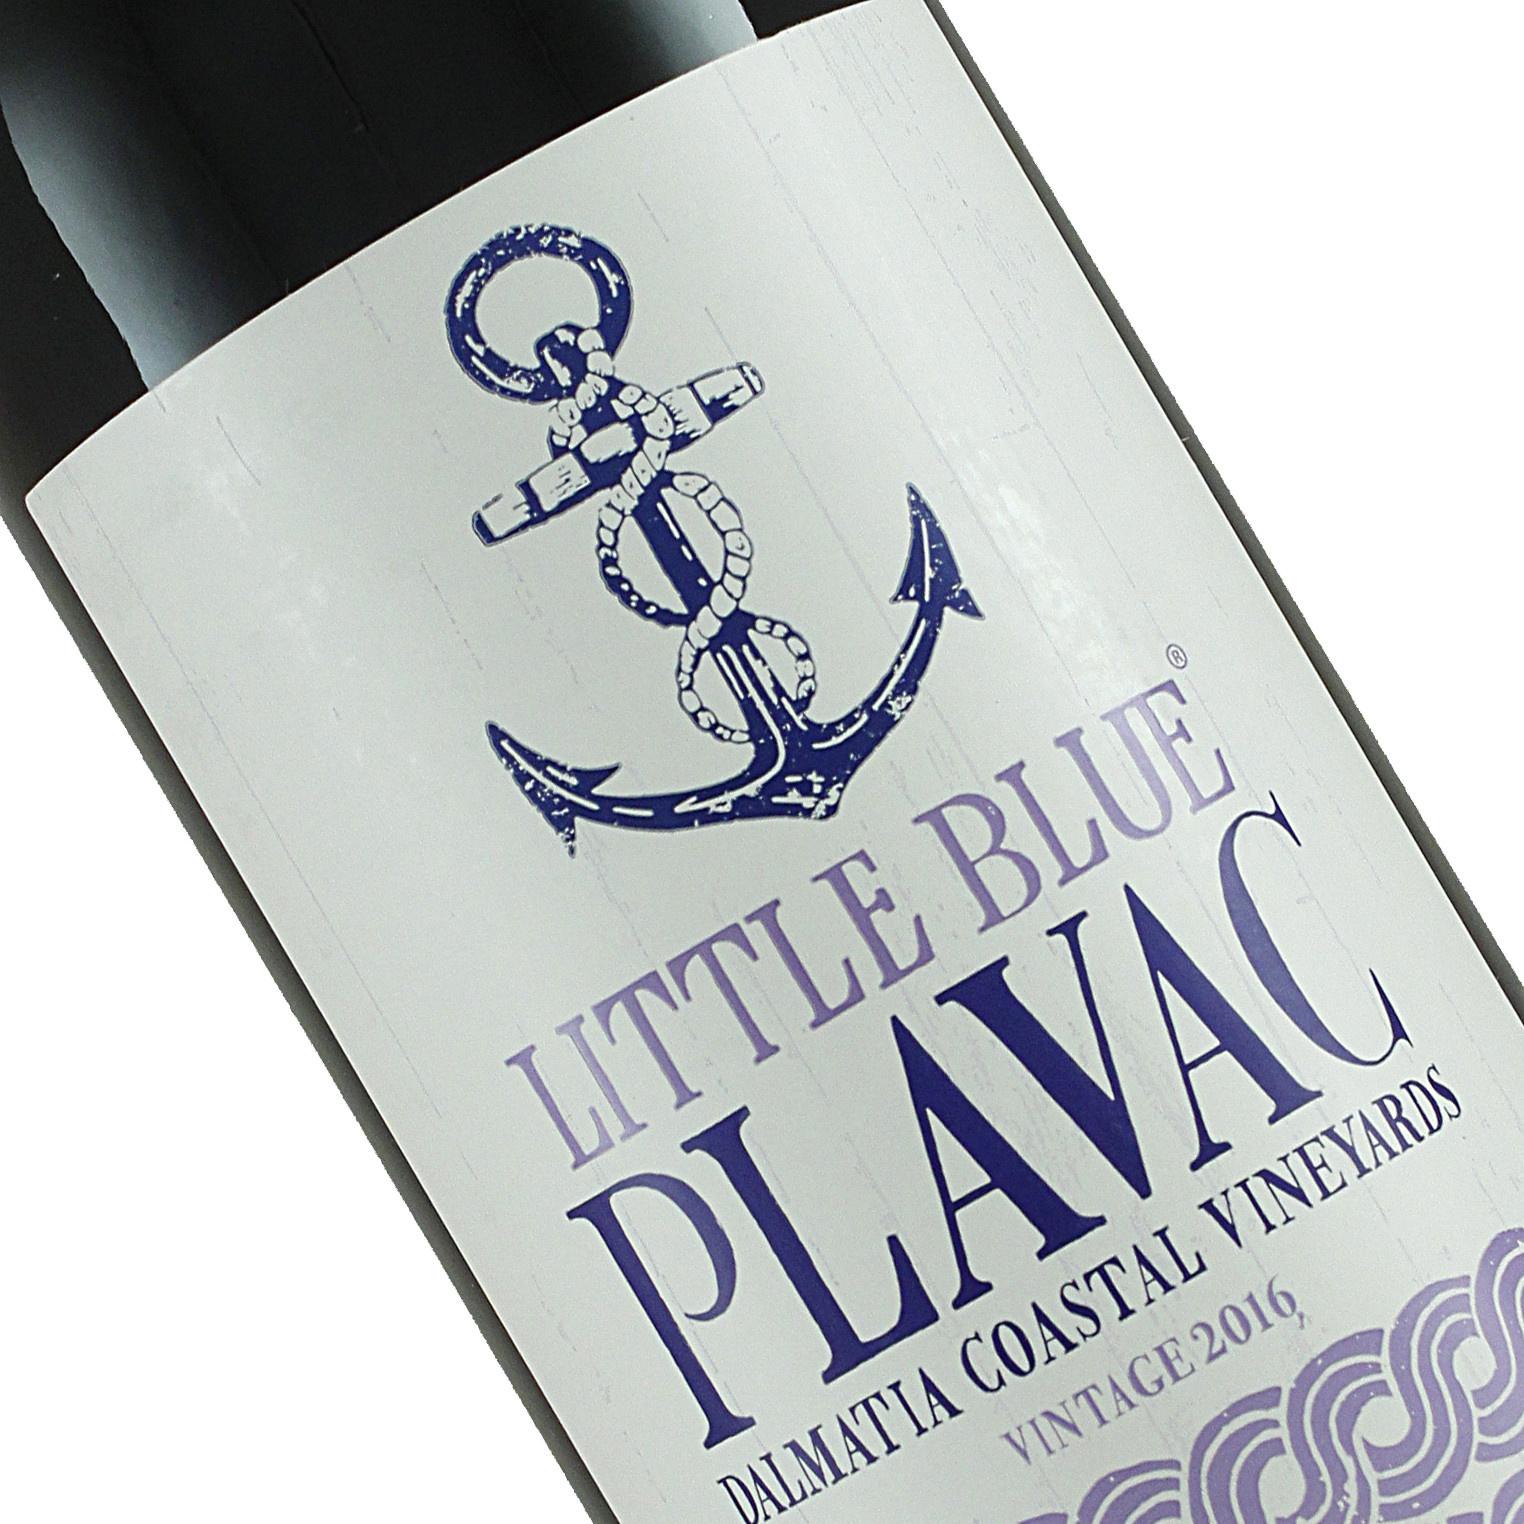 Little Blue 2016 Plavac Dalmatia Coast, Croatia